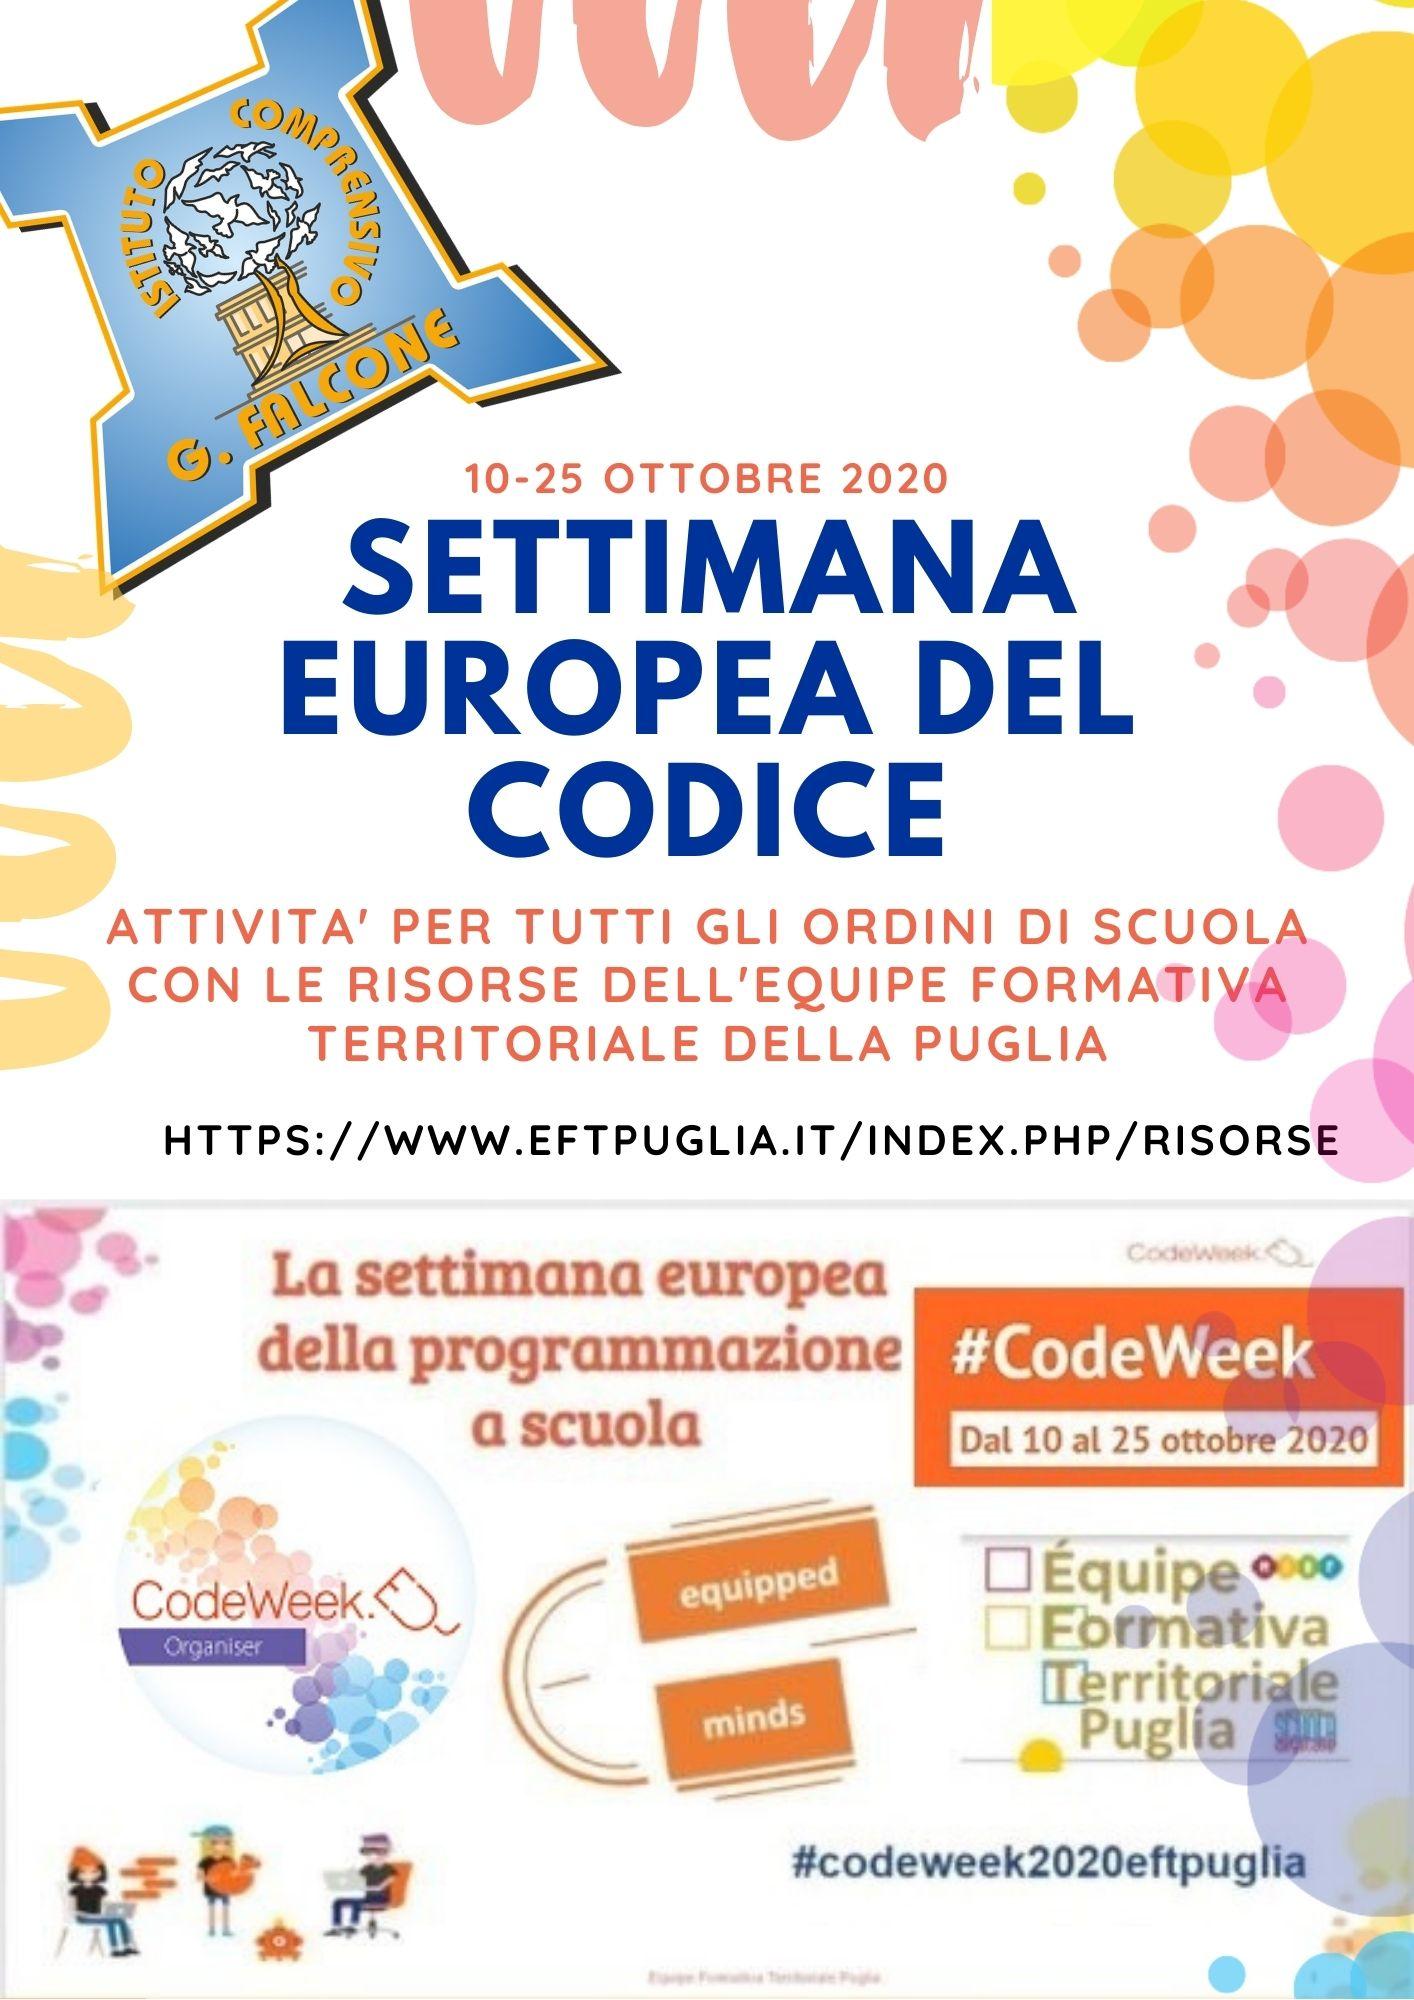 SETTIMANA EUROPEA DEL CODICE 10-25 OTTOBRE 2020 ATTIVITA' PER TUTTI GLI ORDINI DI SCUOLA CON LE RISORSE DELL'EQUIPE FORMATIVA TERRITORIALE DELLA PUGLIA HTTPS://WWW.EFTPUGLIA.IT/INDEX.PHP/RISORSE